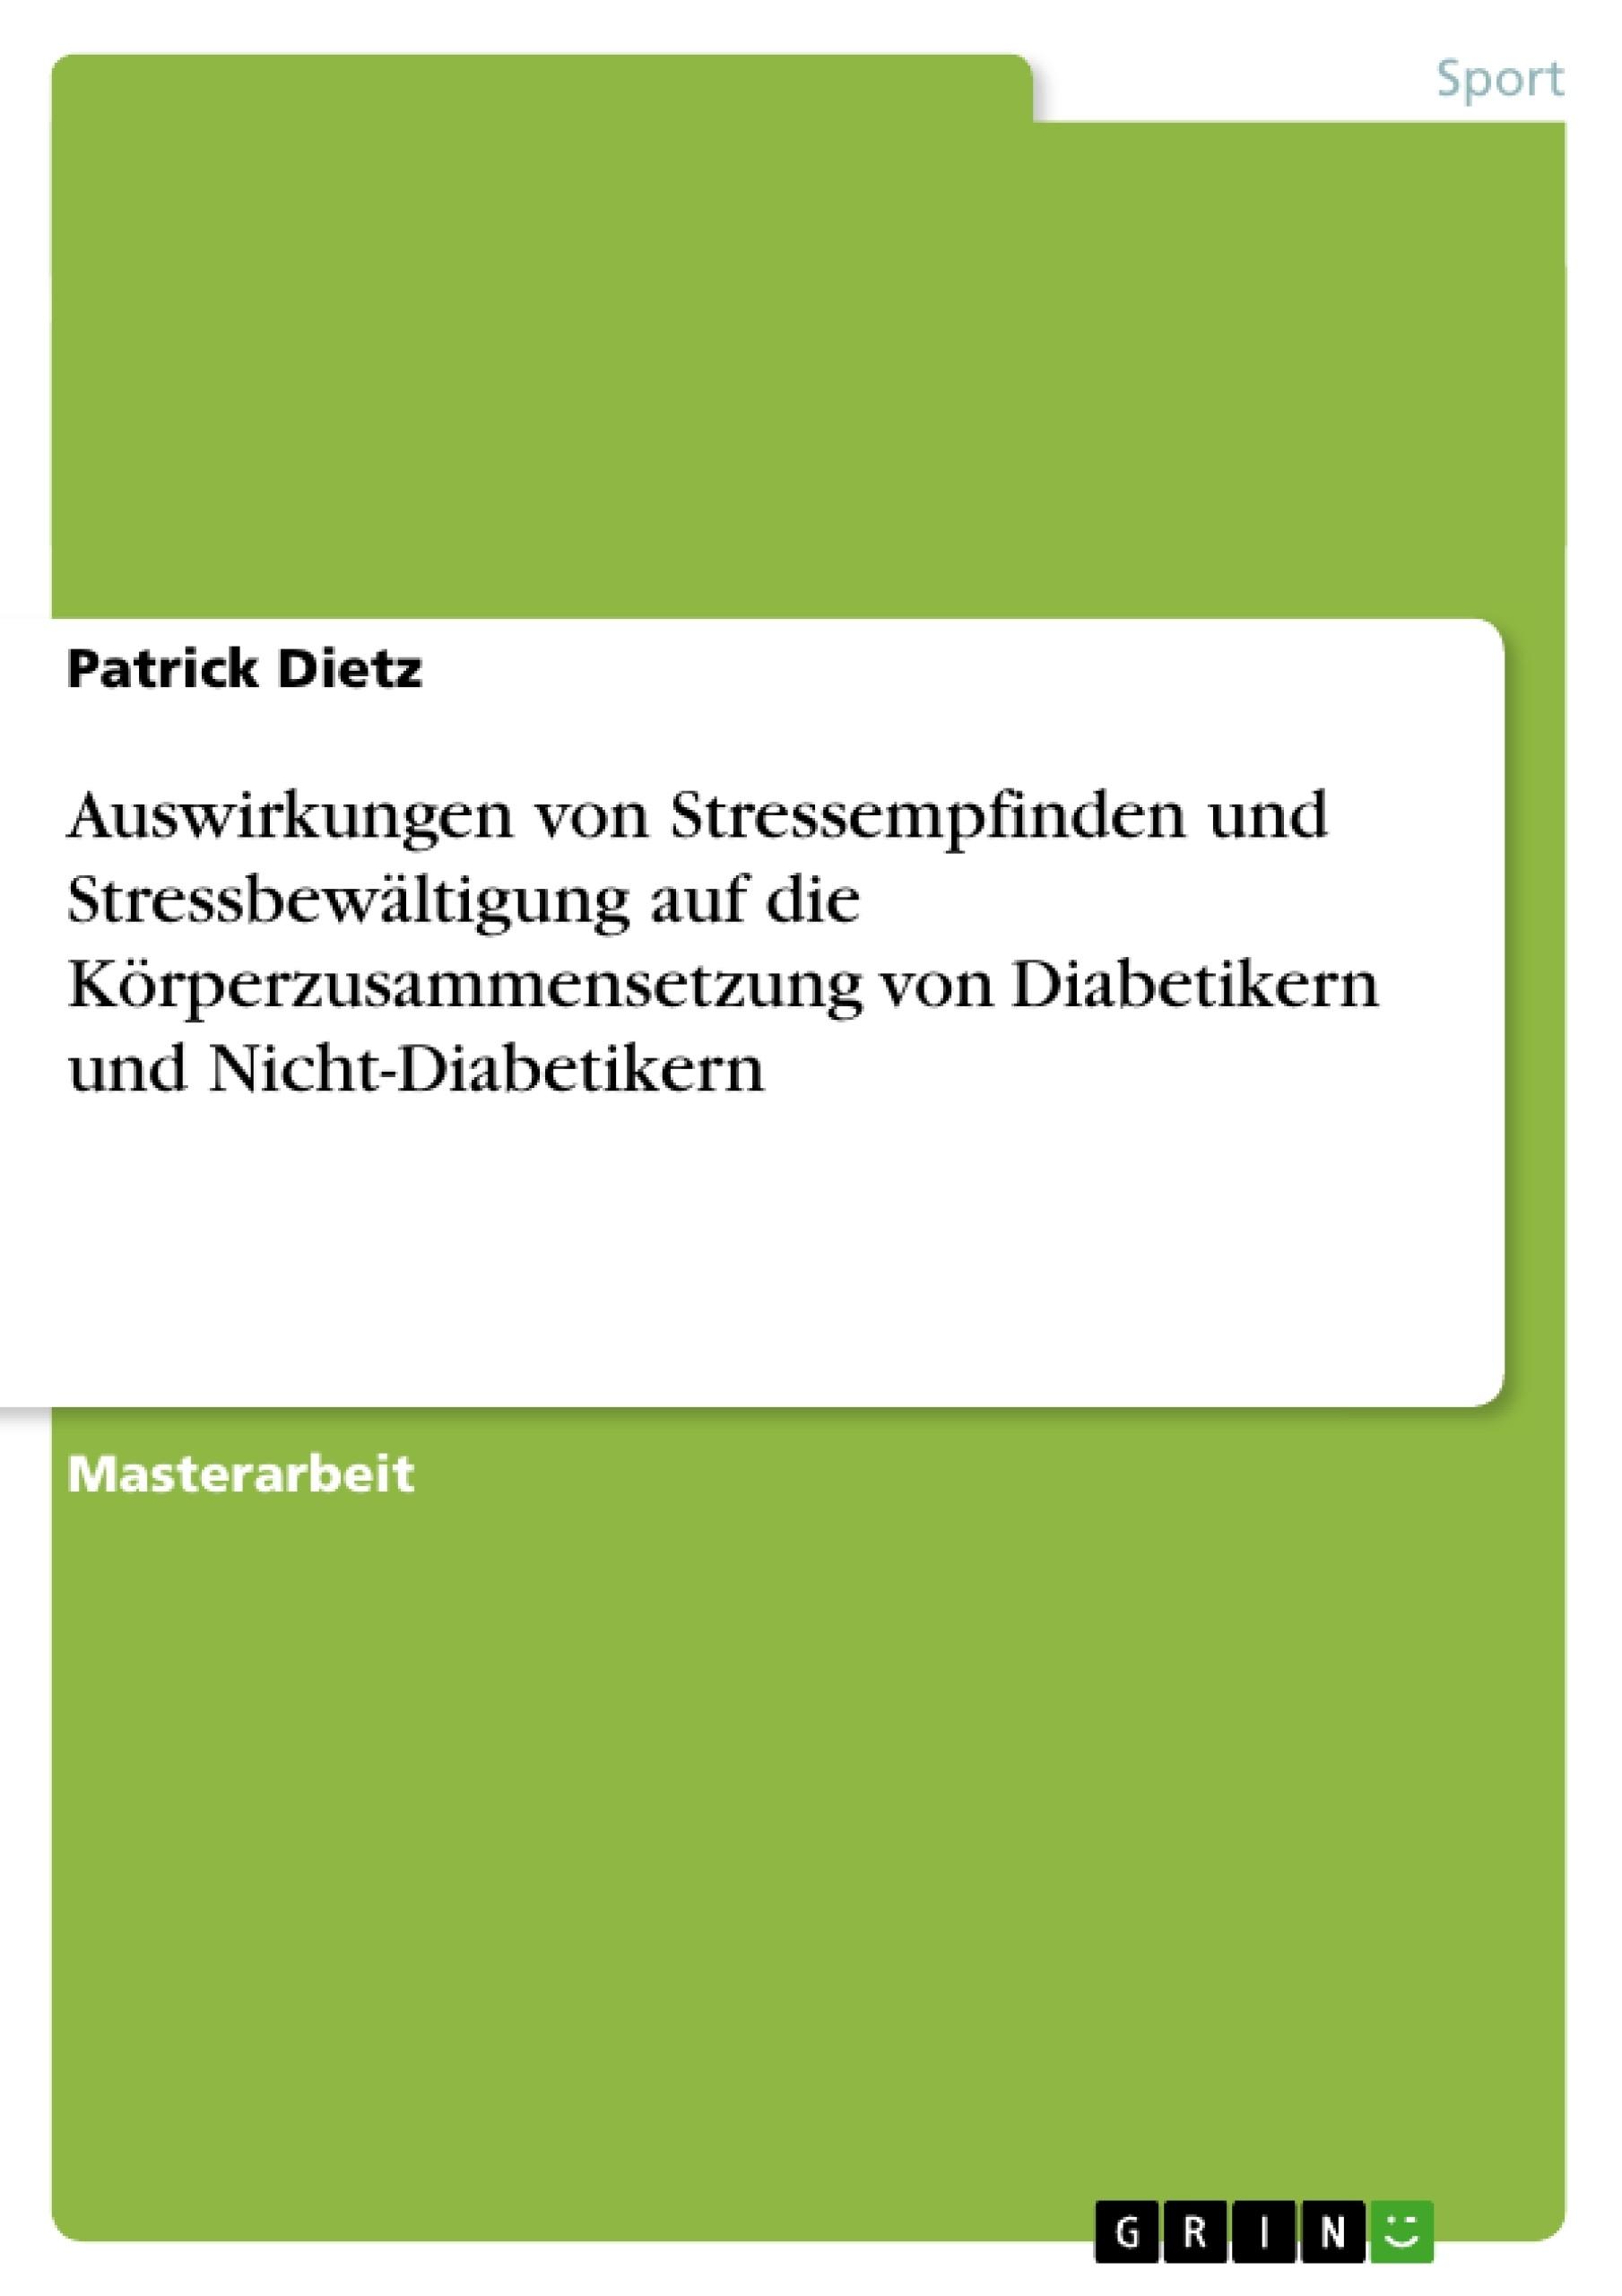 Titel: Auswirkungen von Stressempfinden und Stressbewältigung auf die Körperzusammensetzung von Diabetikern und Nicht-Diabetikern